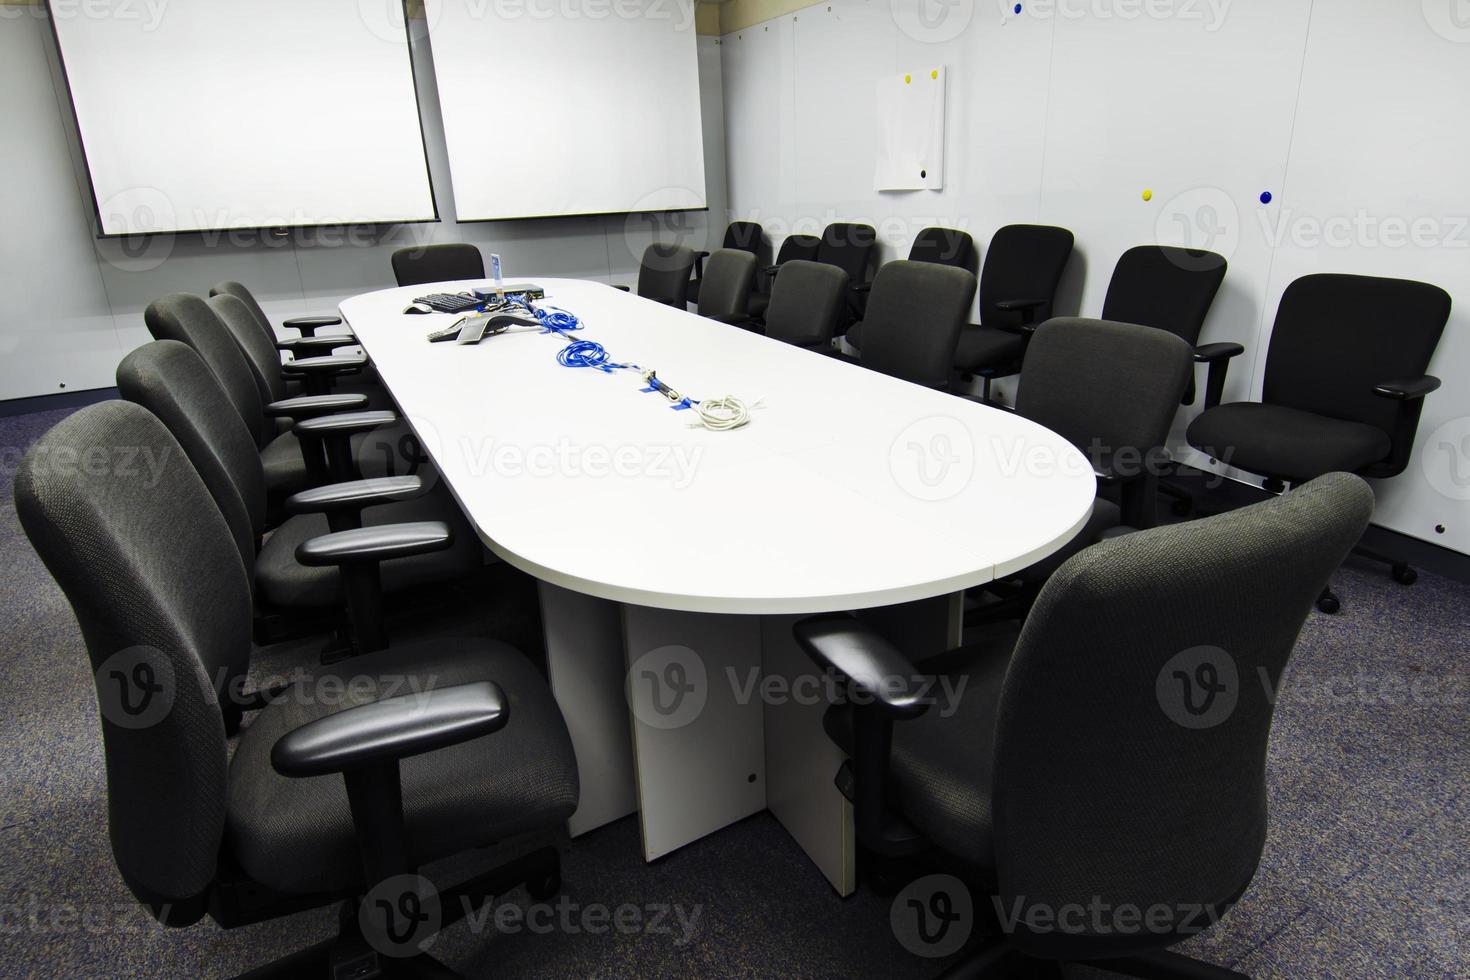 preparazione della sala conferenze foto